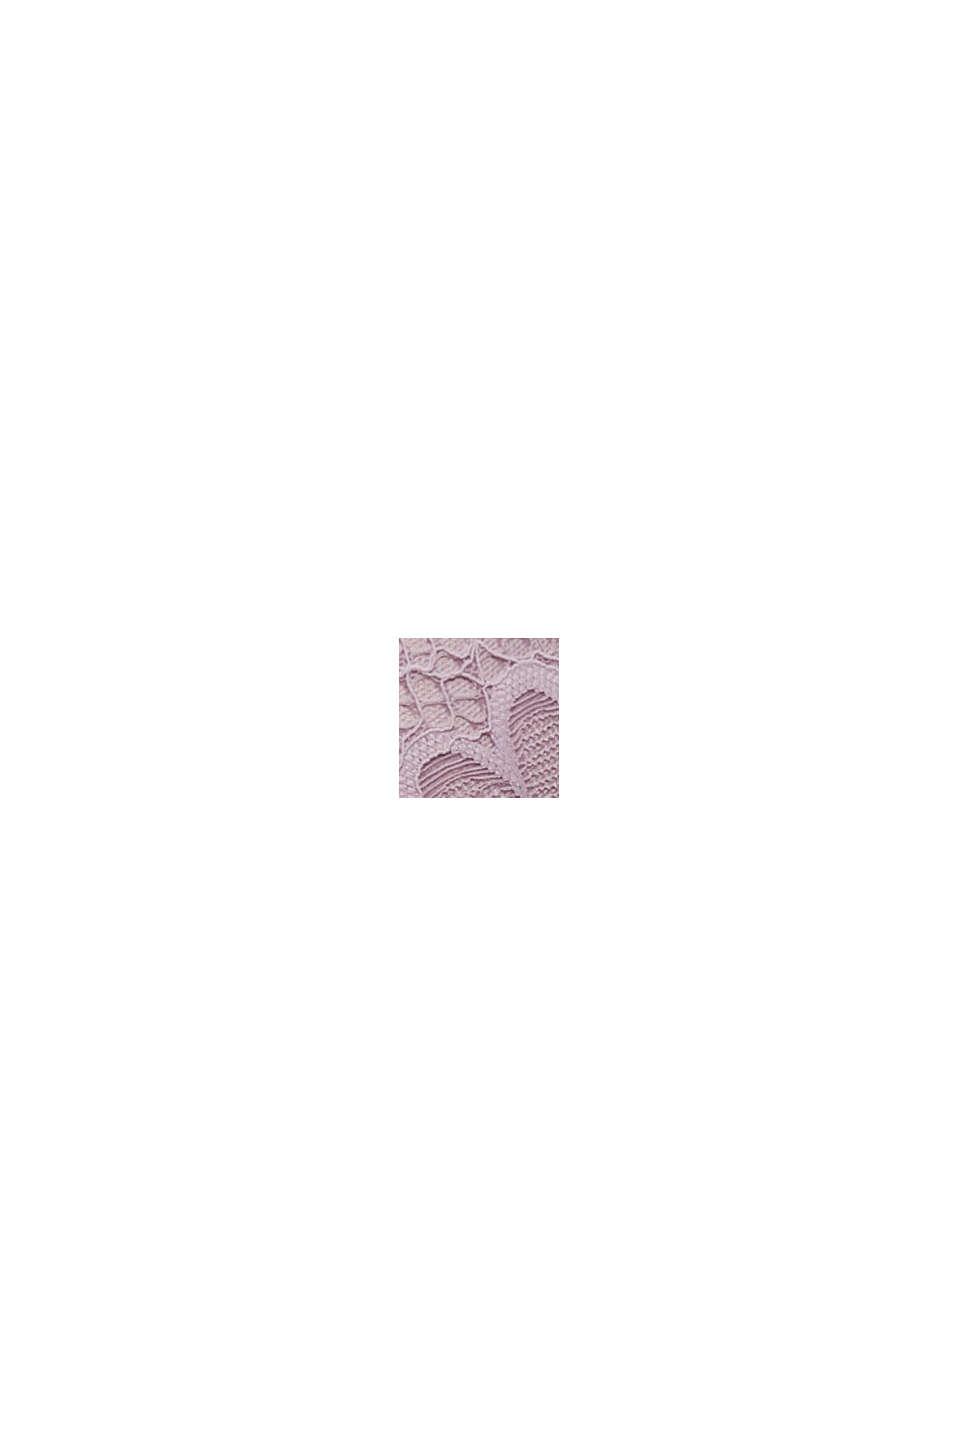 Af genanvendte materialer: pushup-bh med blonder, LAVENDER, swatch